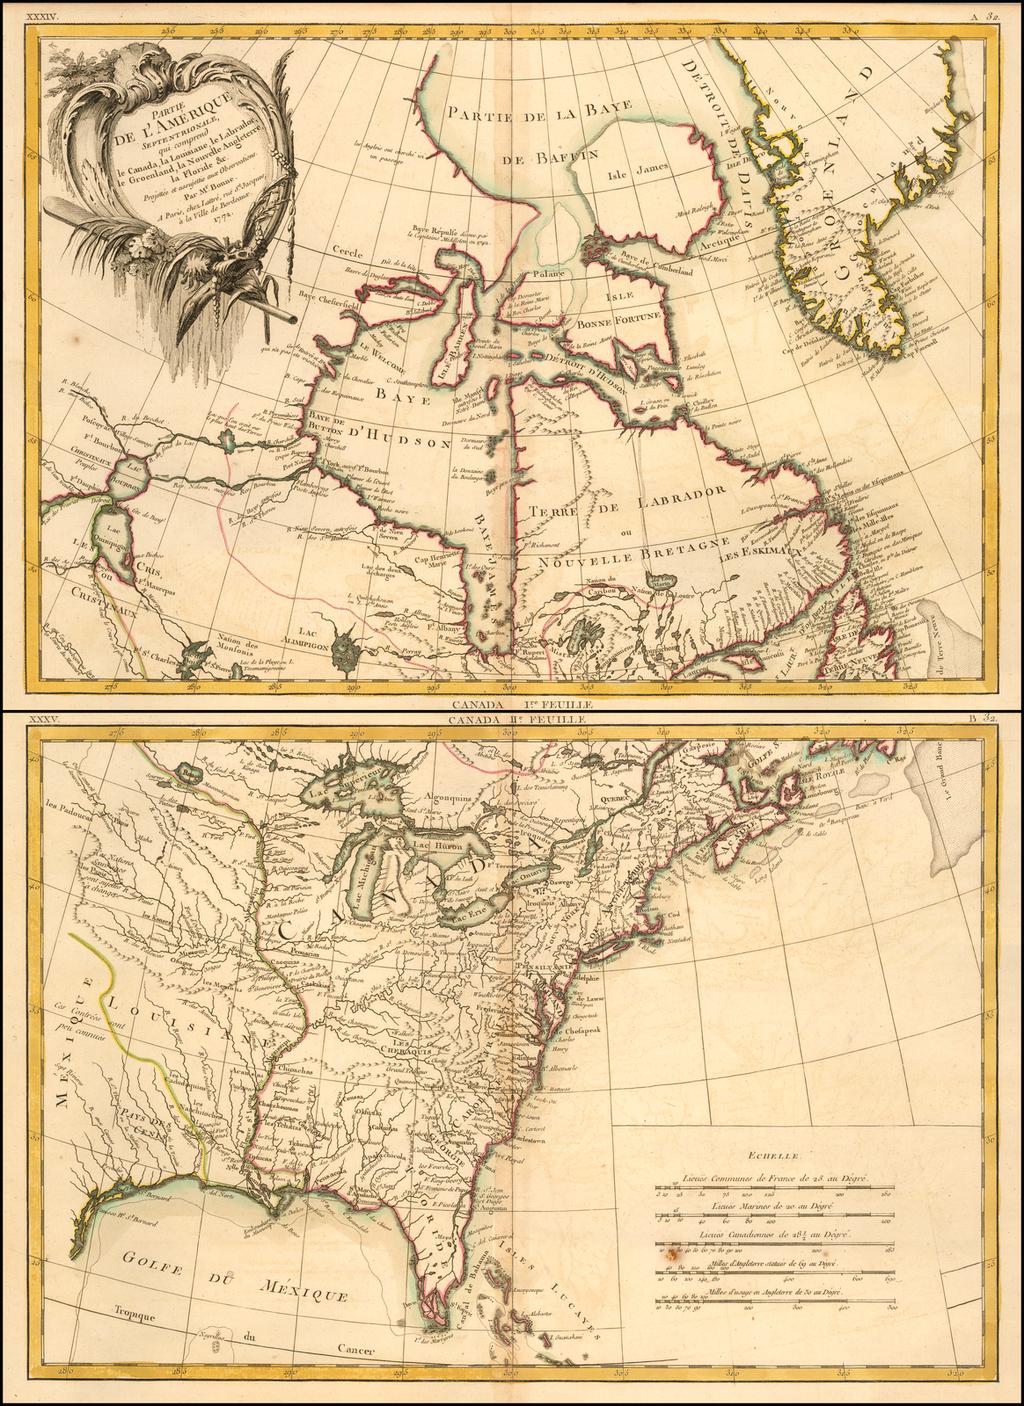 Partie De L'Amerique Septentrionale, qui comprend le Canada, la Louisiane, le Labrador, le Groenland, la Nouvelle Angleterre, la Floride, &c. . . 1771  (North America - 2 sheets) By Rigobert Bonne